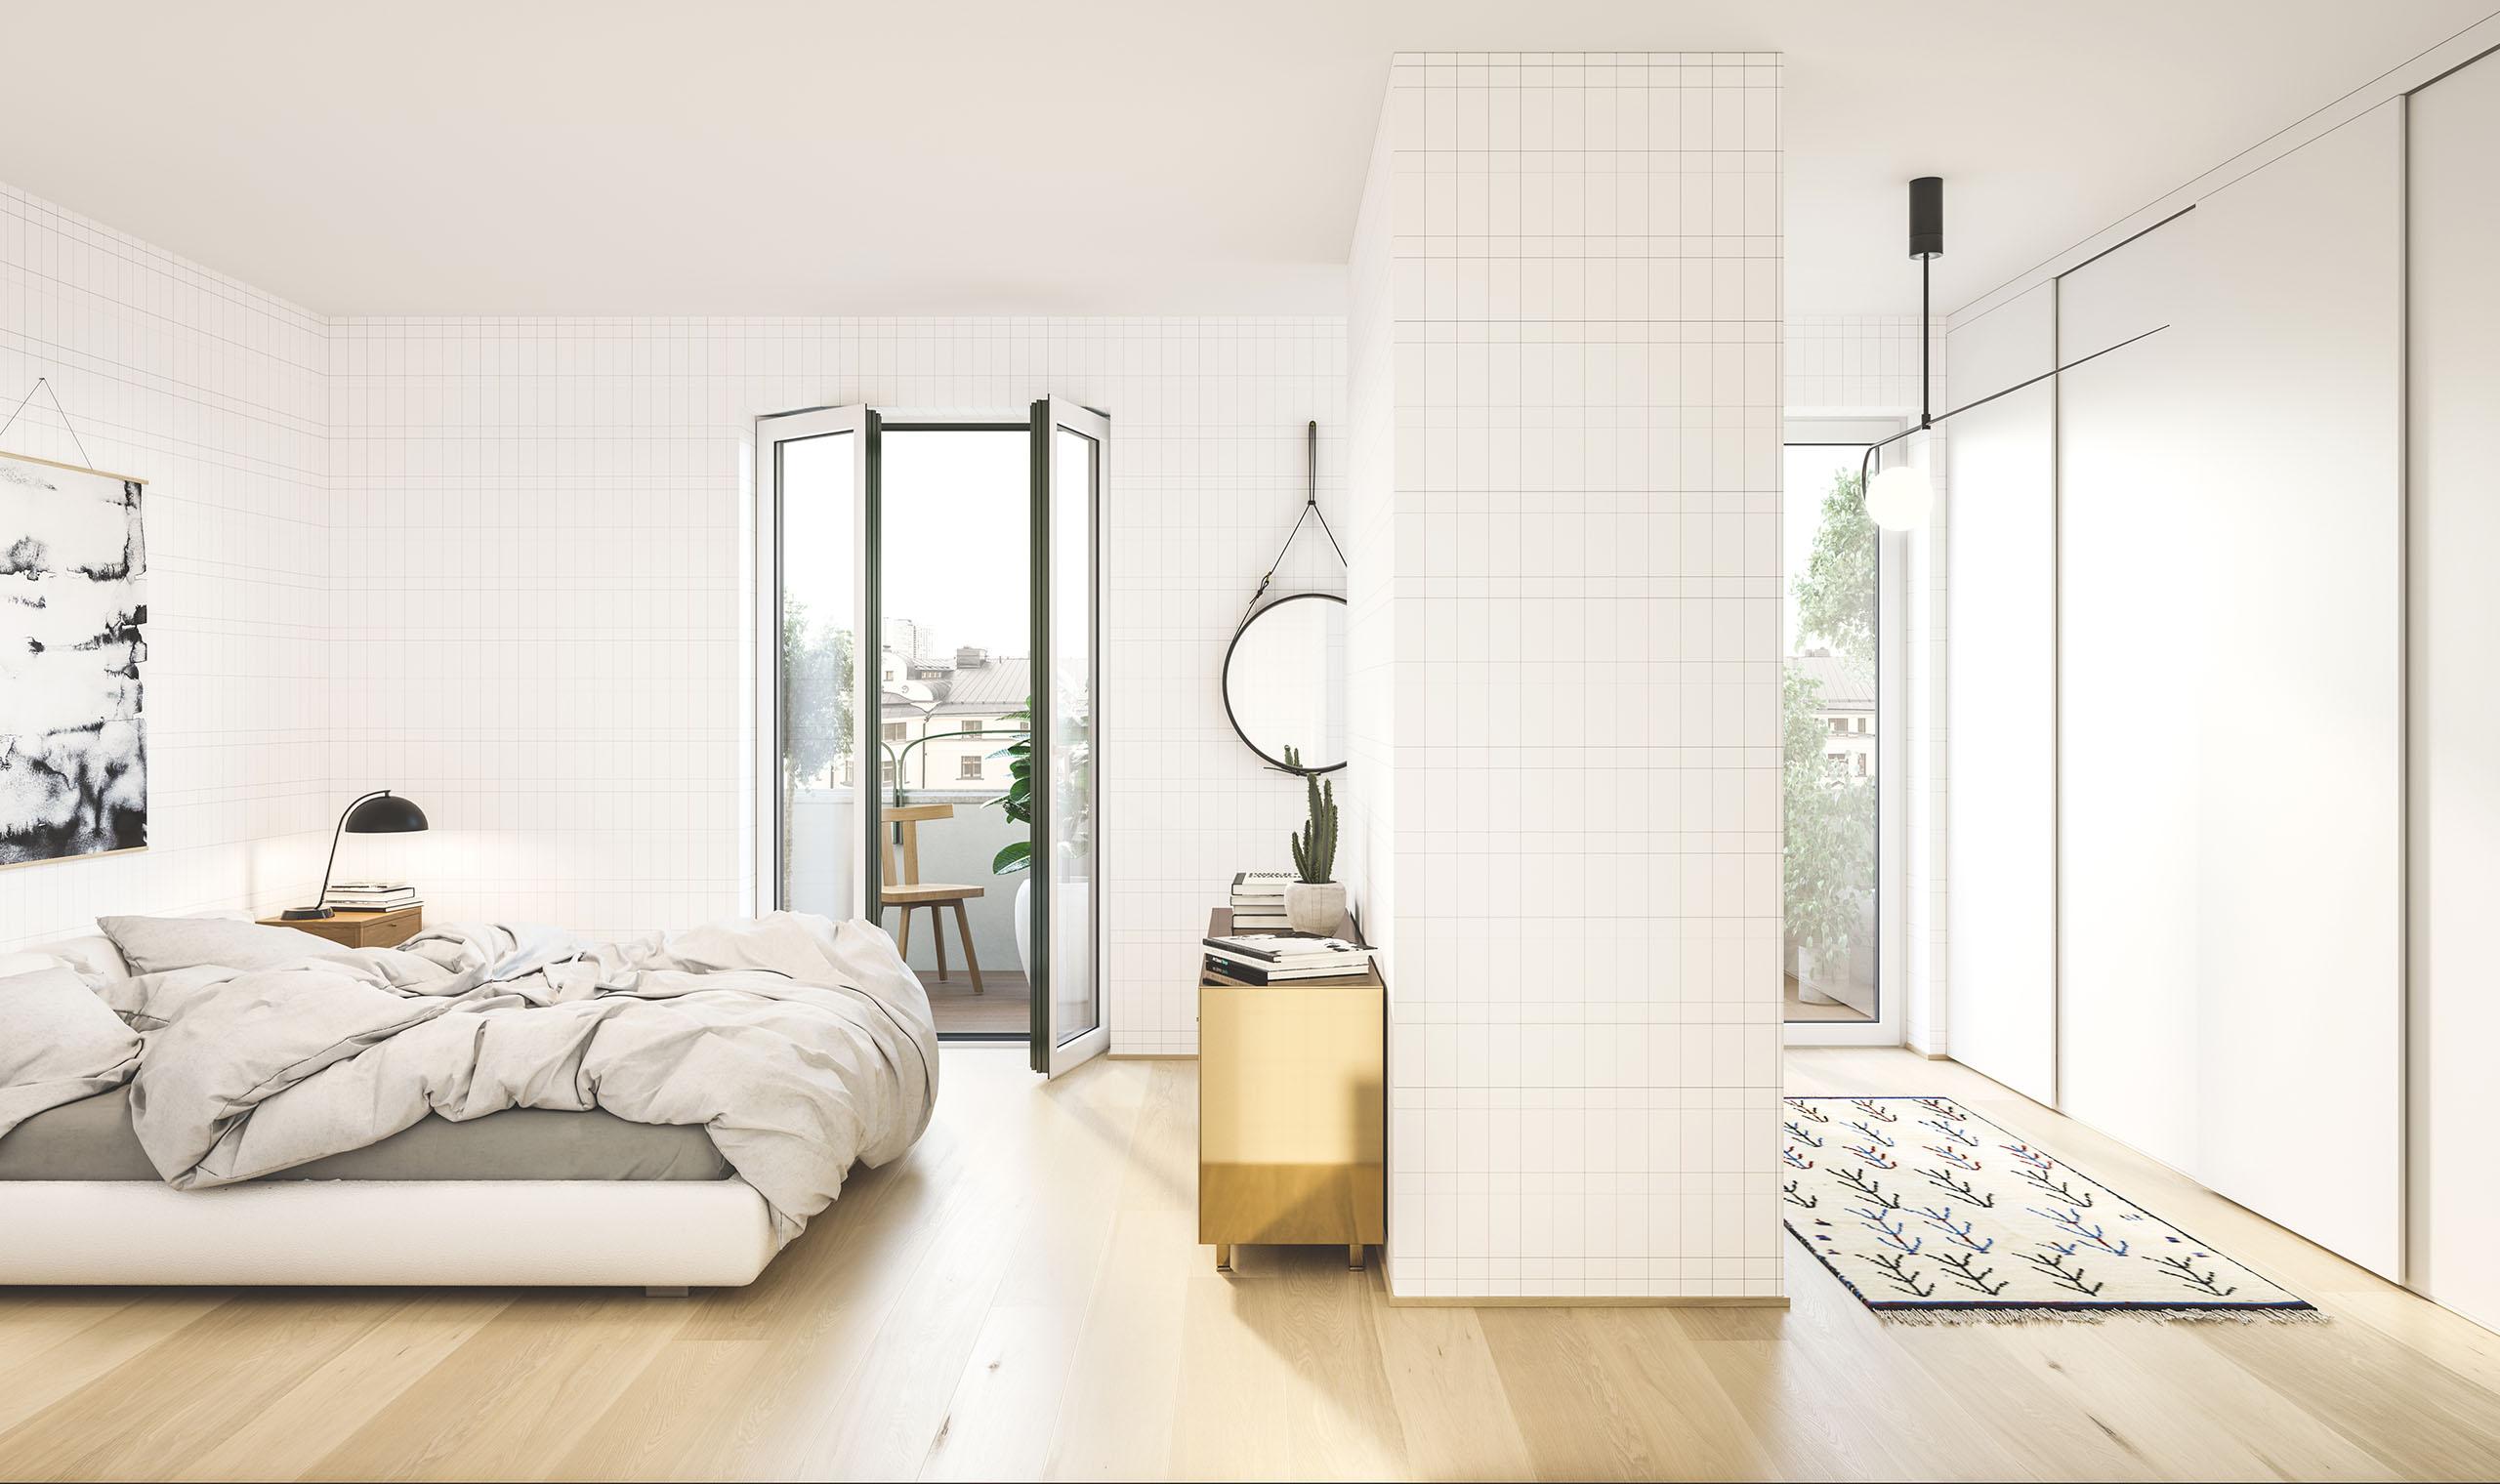 Claesson Koivisto Rune sunny bedroom